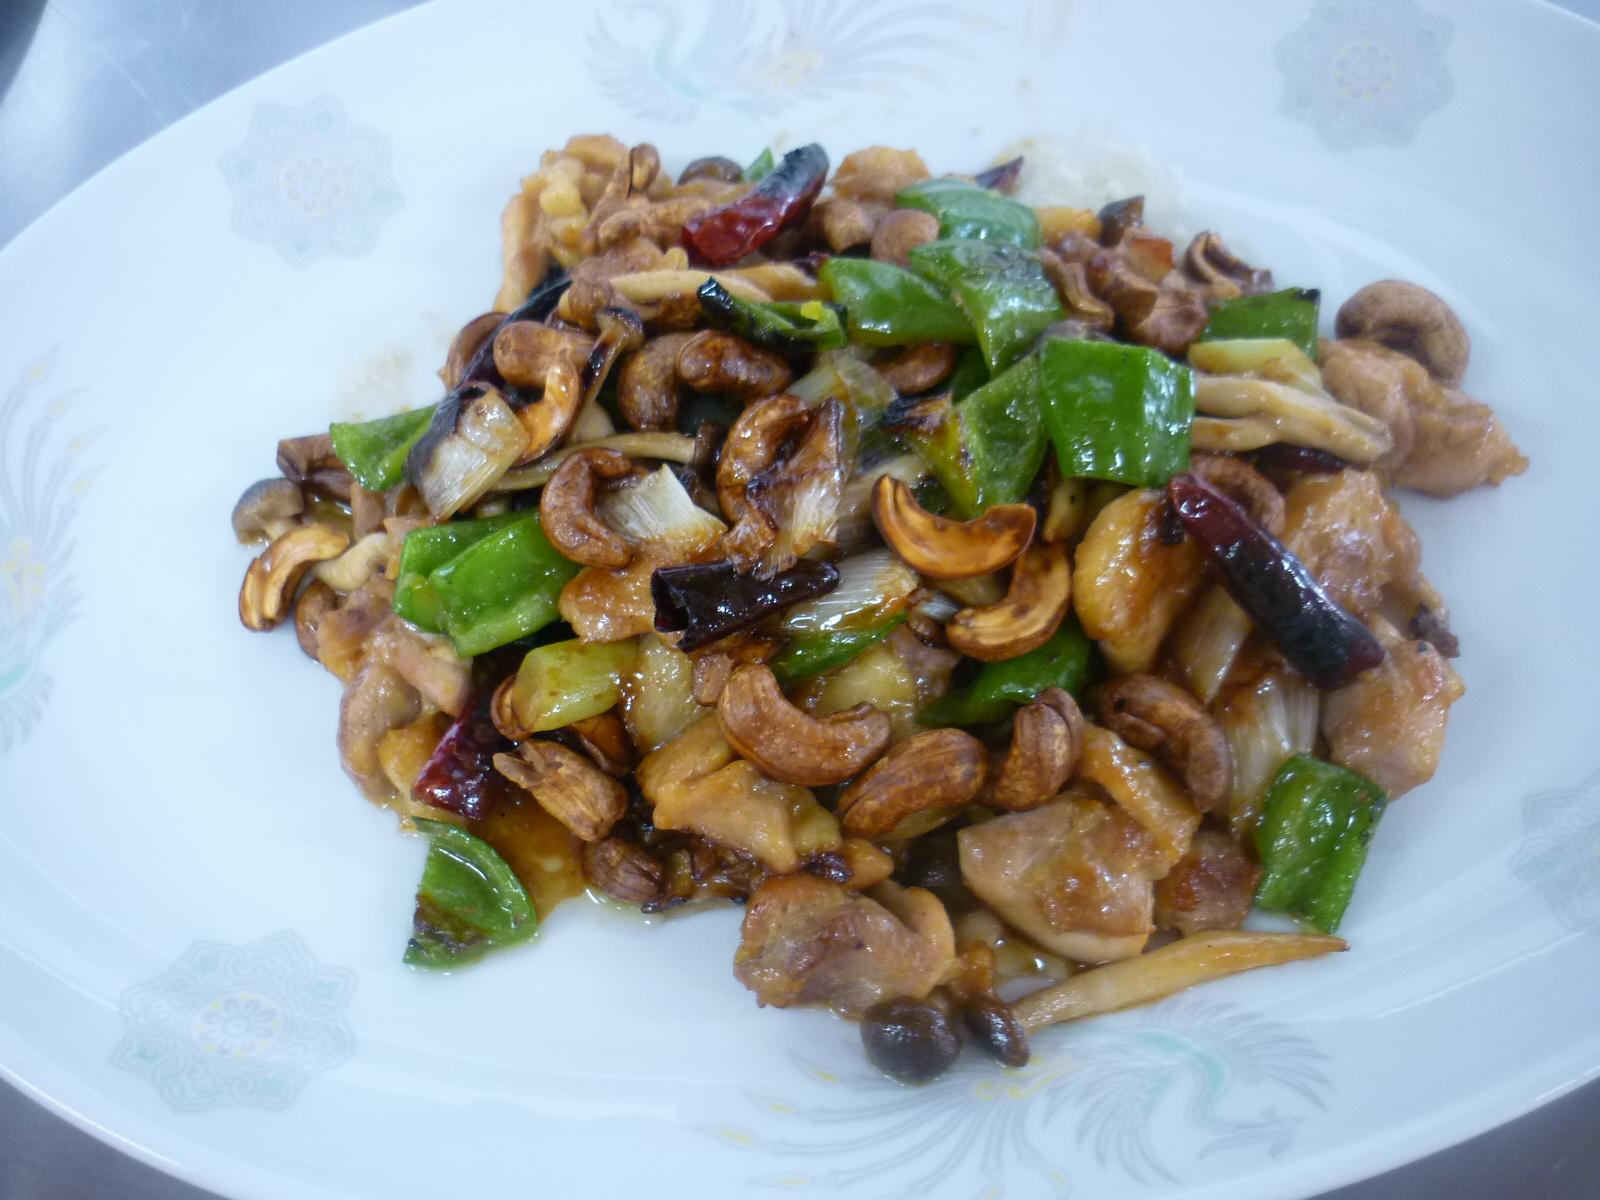 腰果鶏丁(鶏肉とカシューナッツの炒め物)